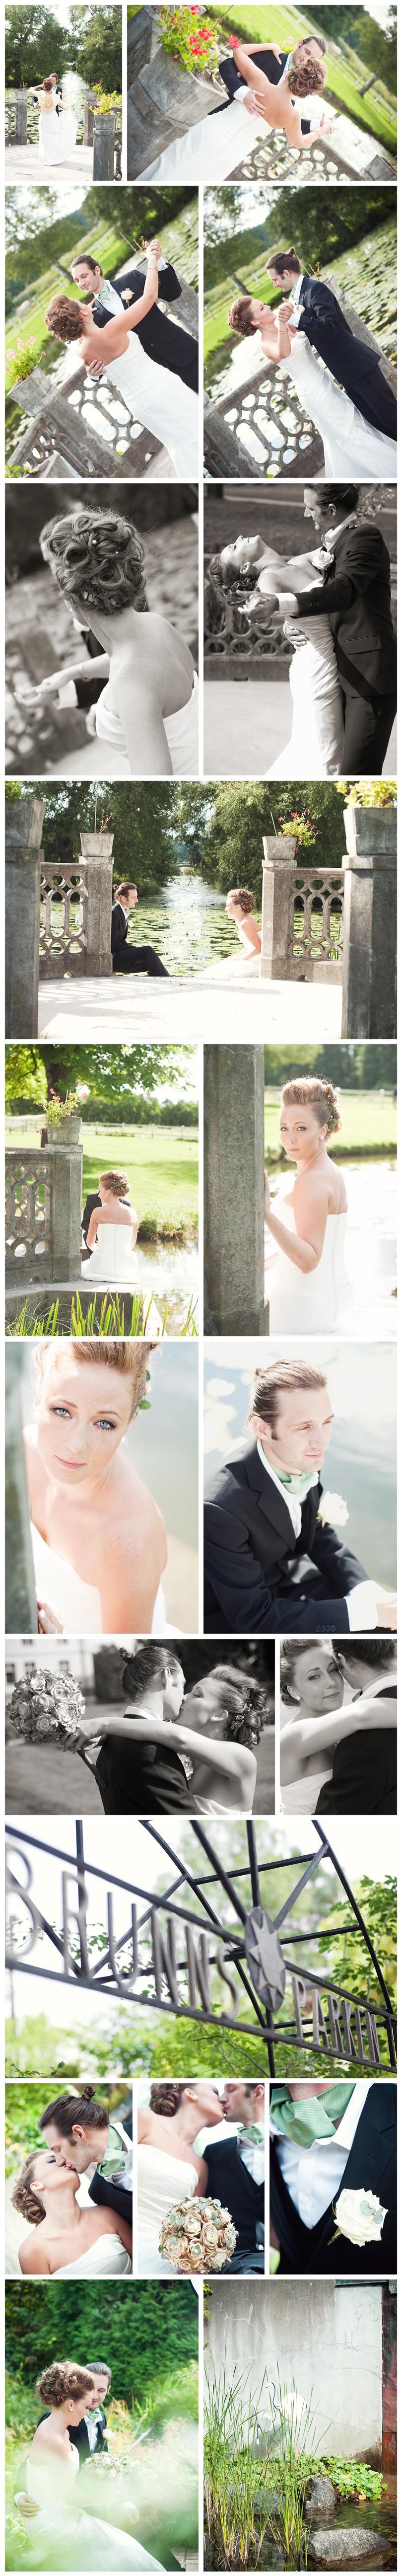 Bröllop i Hågelbyparken